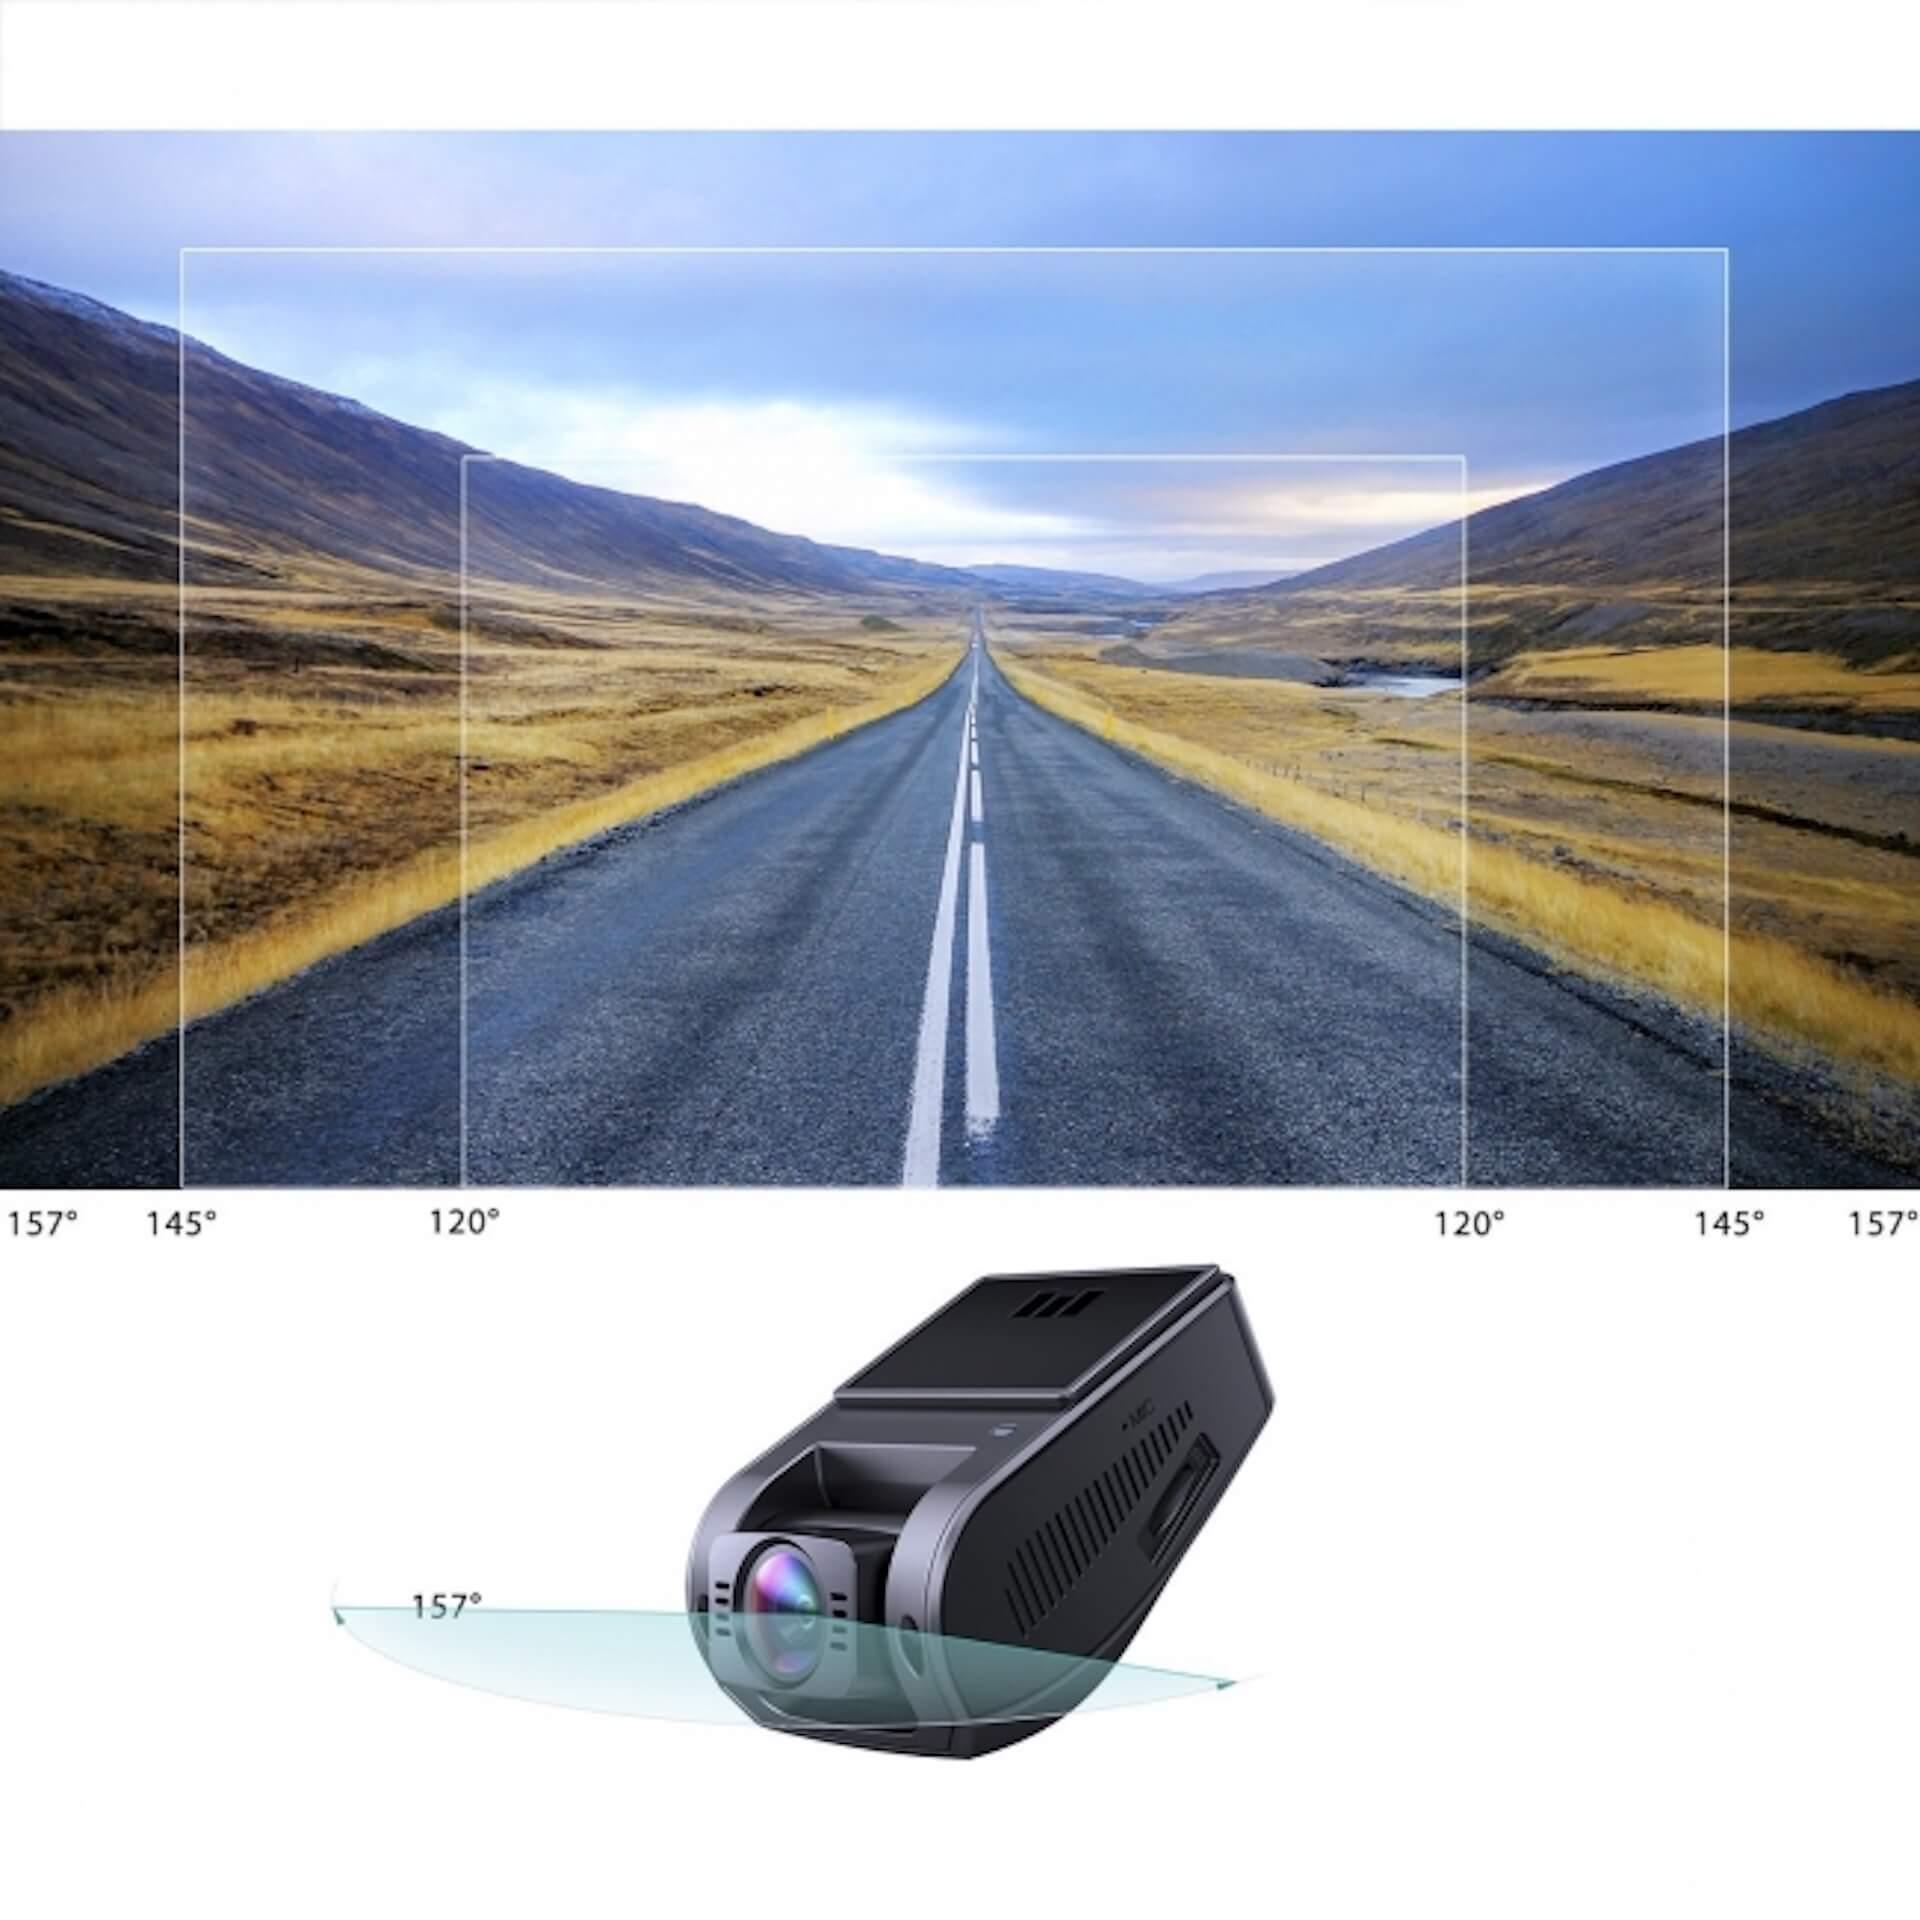 交通事故が起きてしまったときのために......高精細なドライブレコーダー「DR02J」が半額になって登場! tech190917_driverecorder_dr02j_1